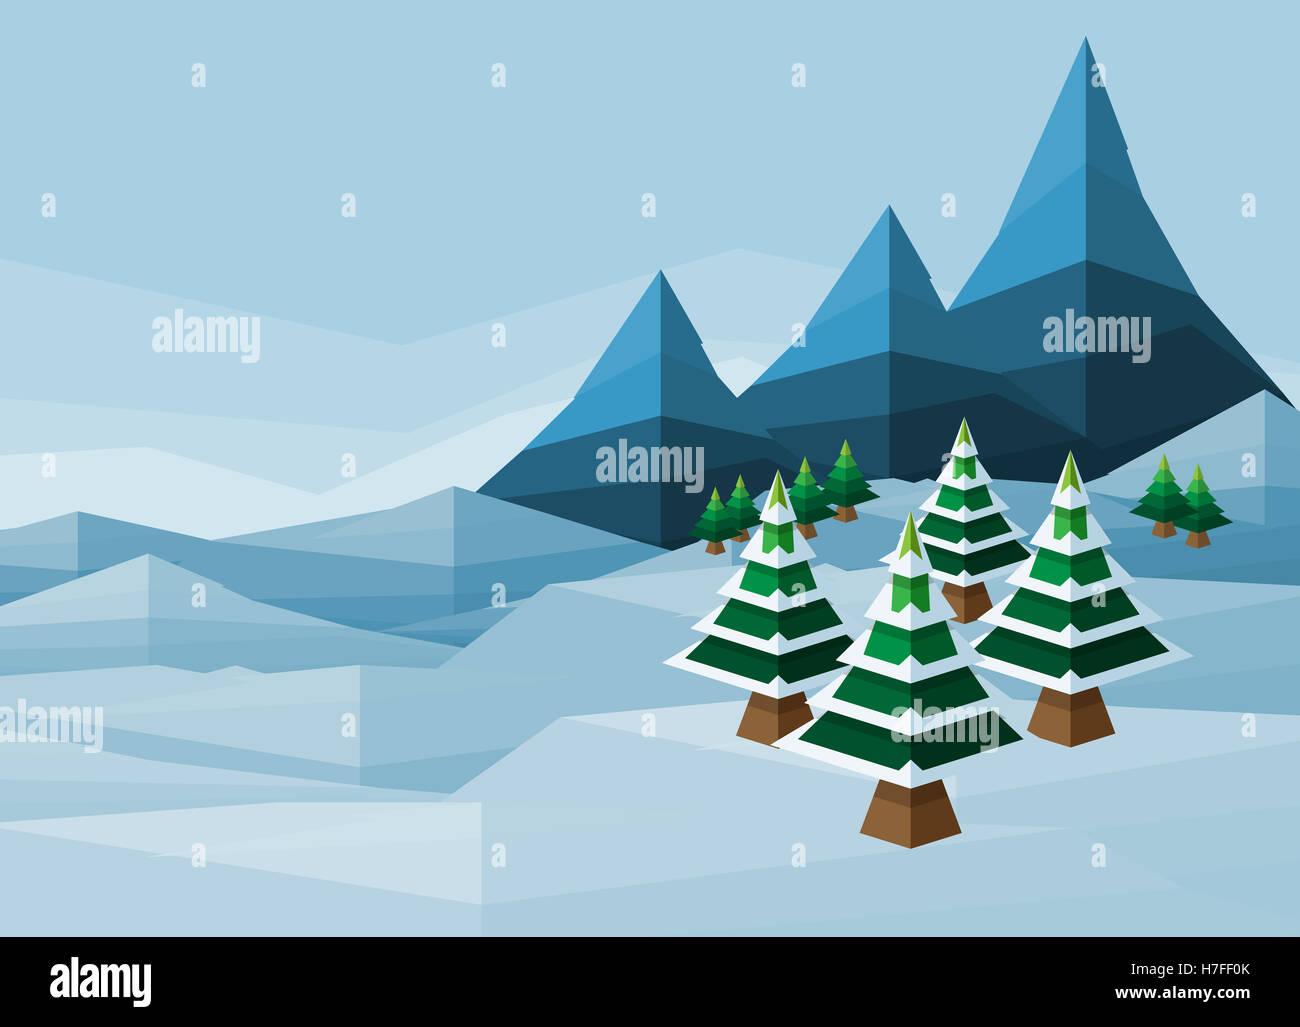 Abstarct Weihnachten Polygon Schnee Winter Wunderland Landschaft ...